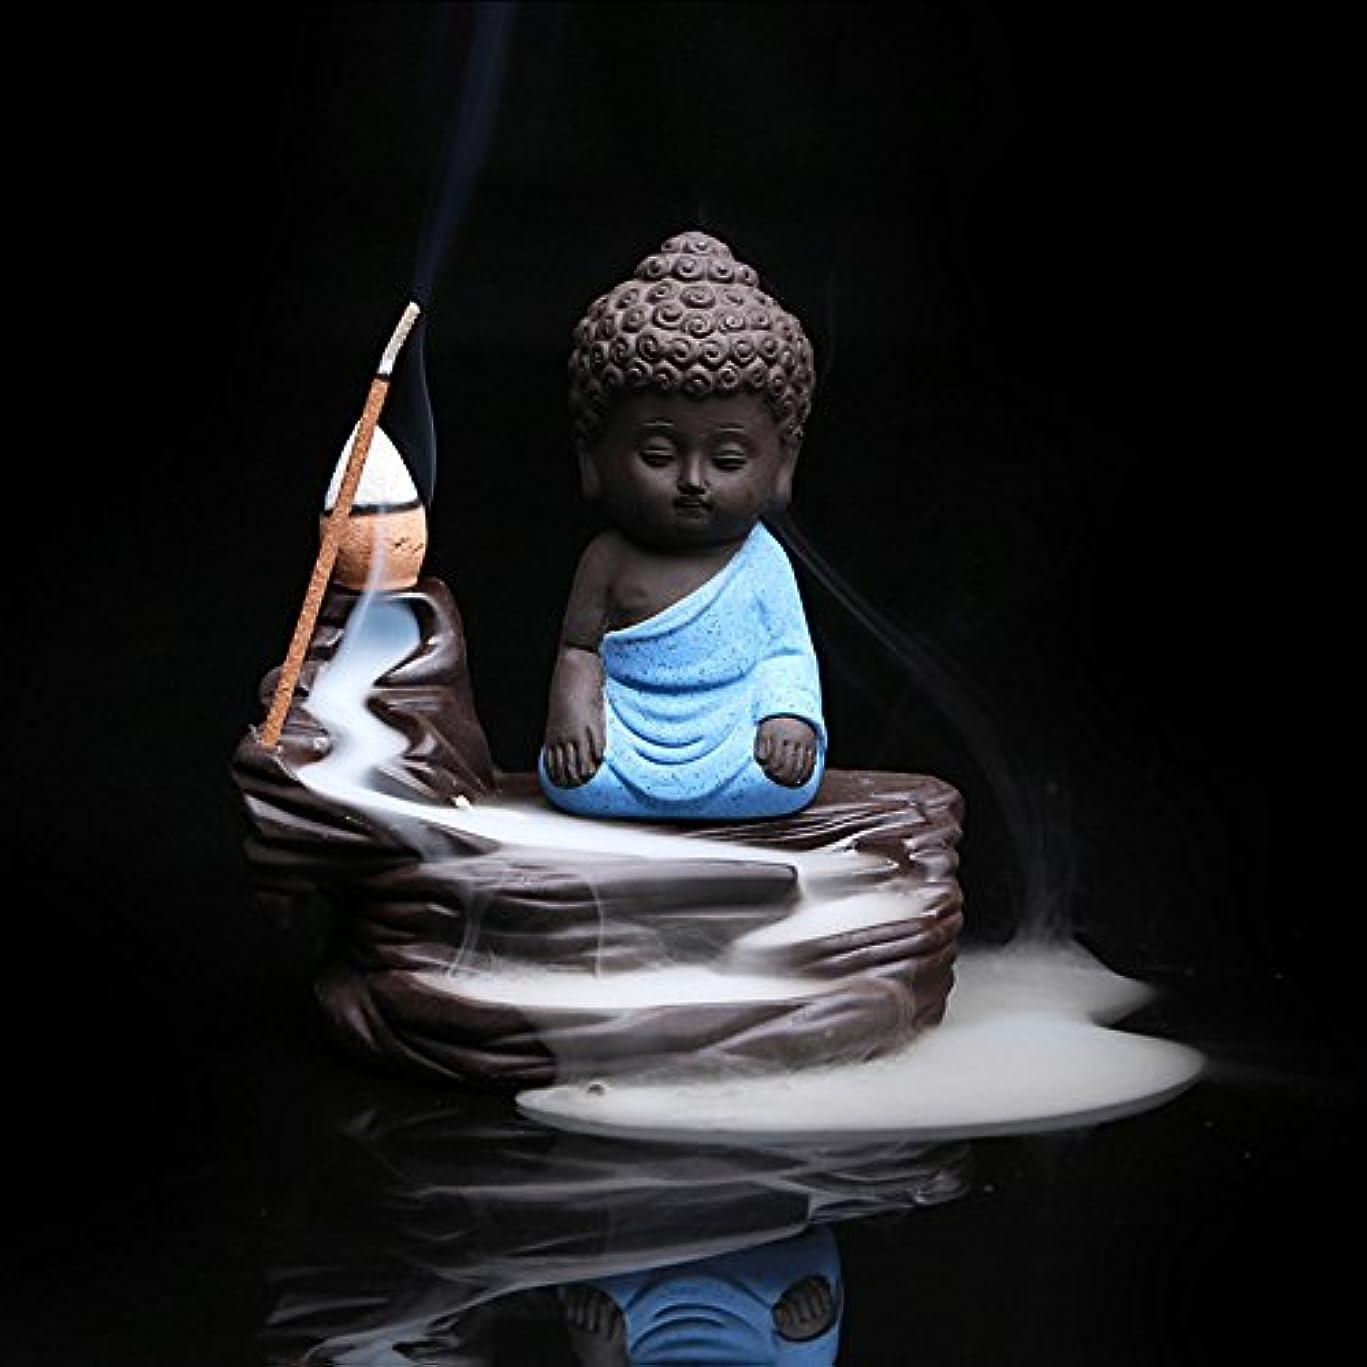 場所コンセンサス電子Zehuiホームデコレーションクリエイティブ逆流香炉コーンスティックホルダーSmall Buddhaセラミック香炉ホーム装飾 ブルー mhy-ZJ1204-jj125